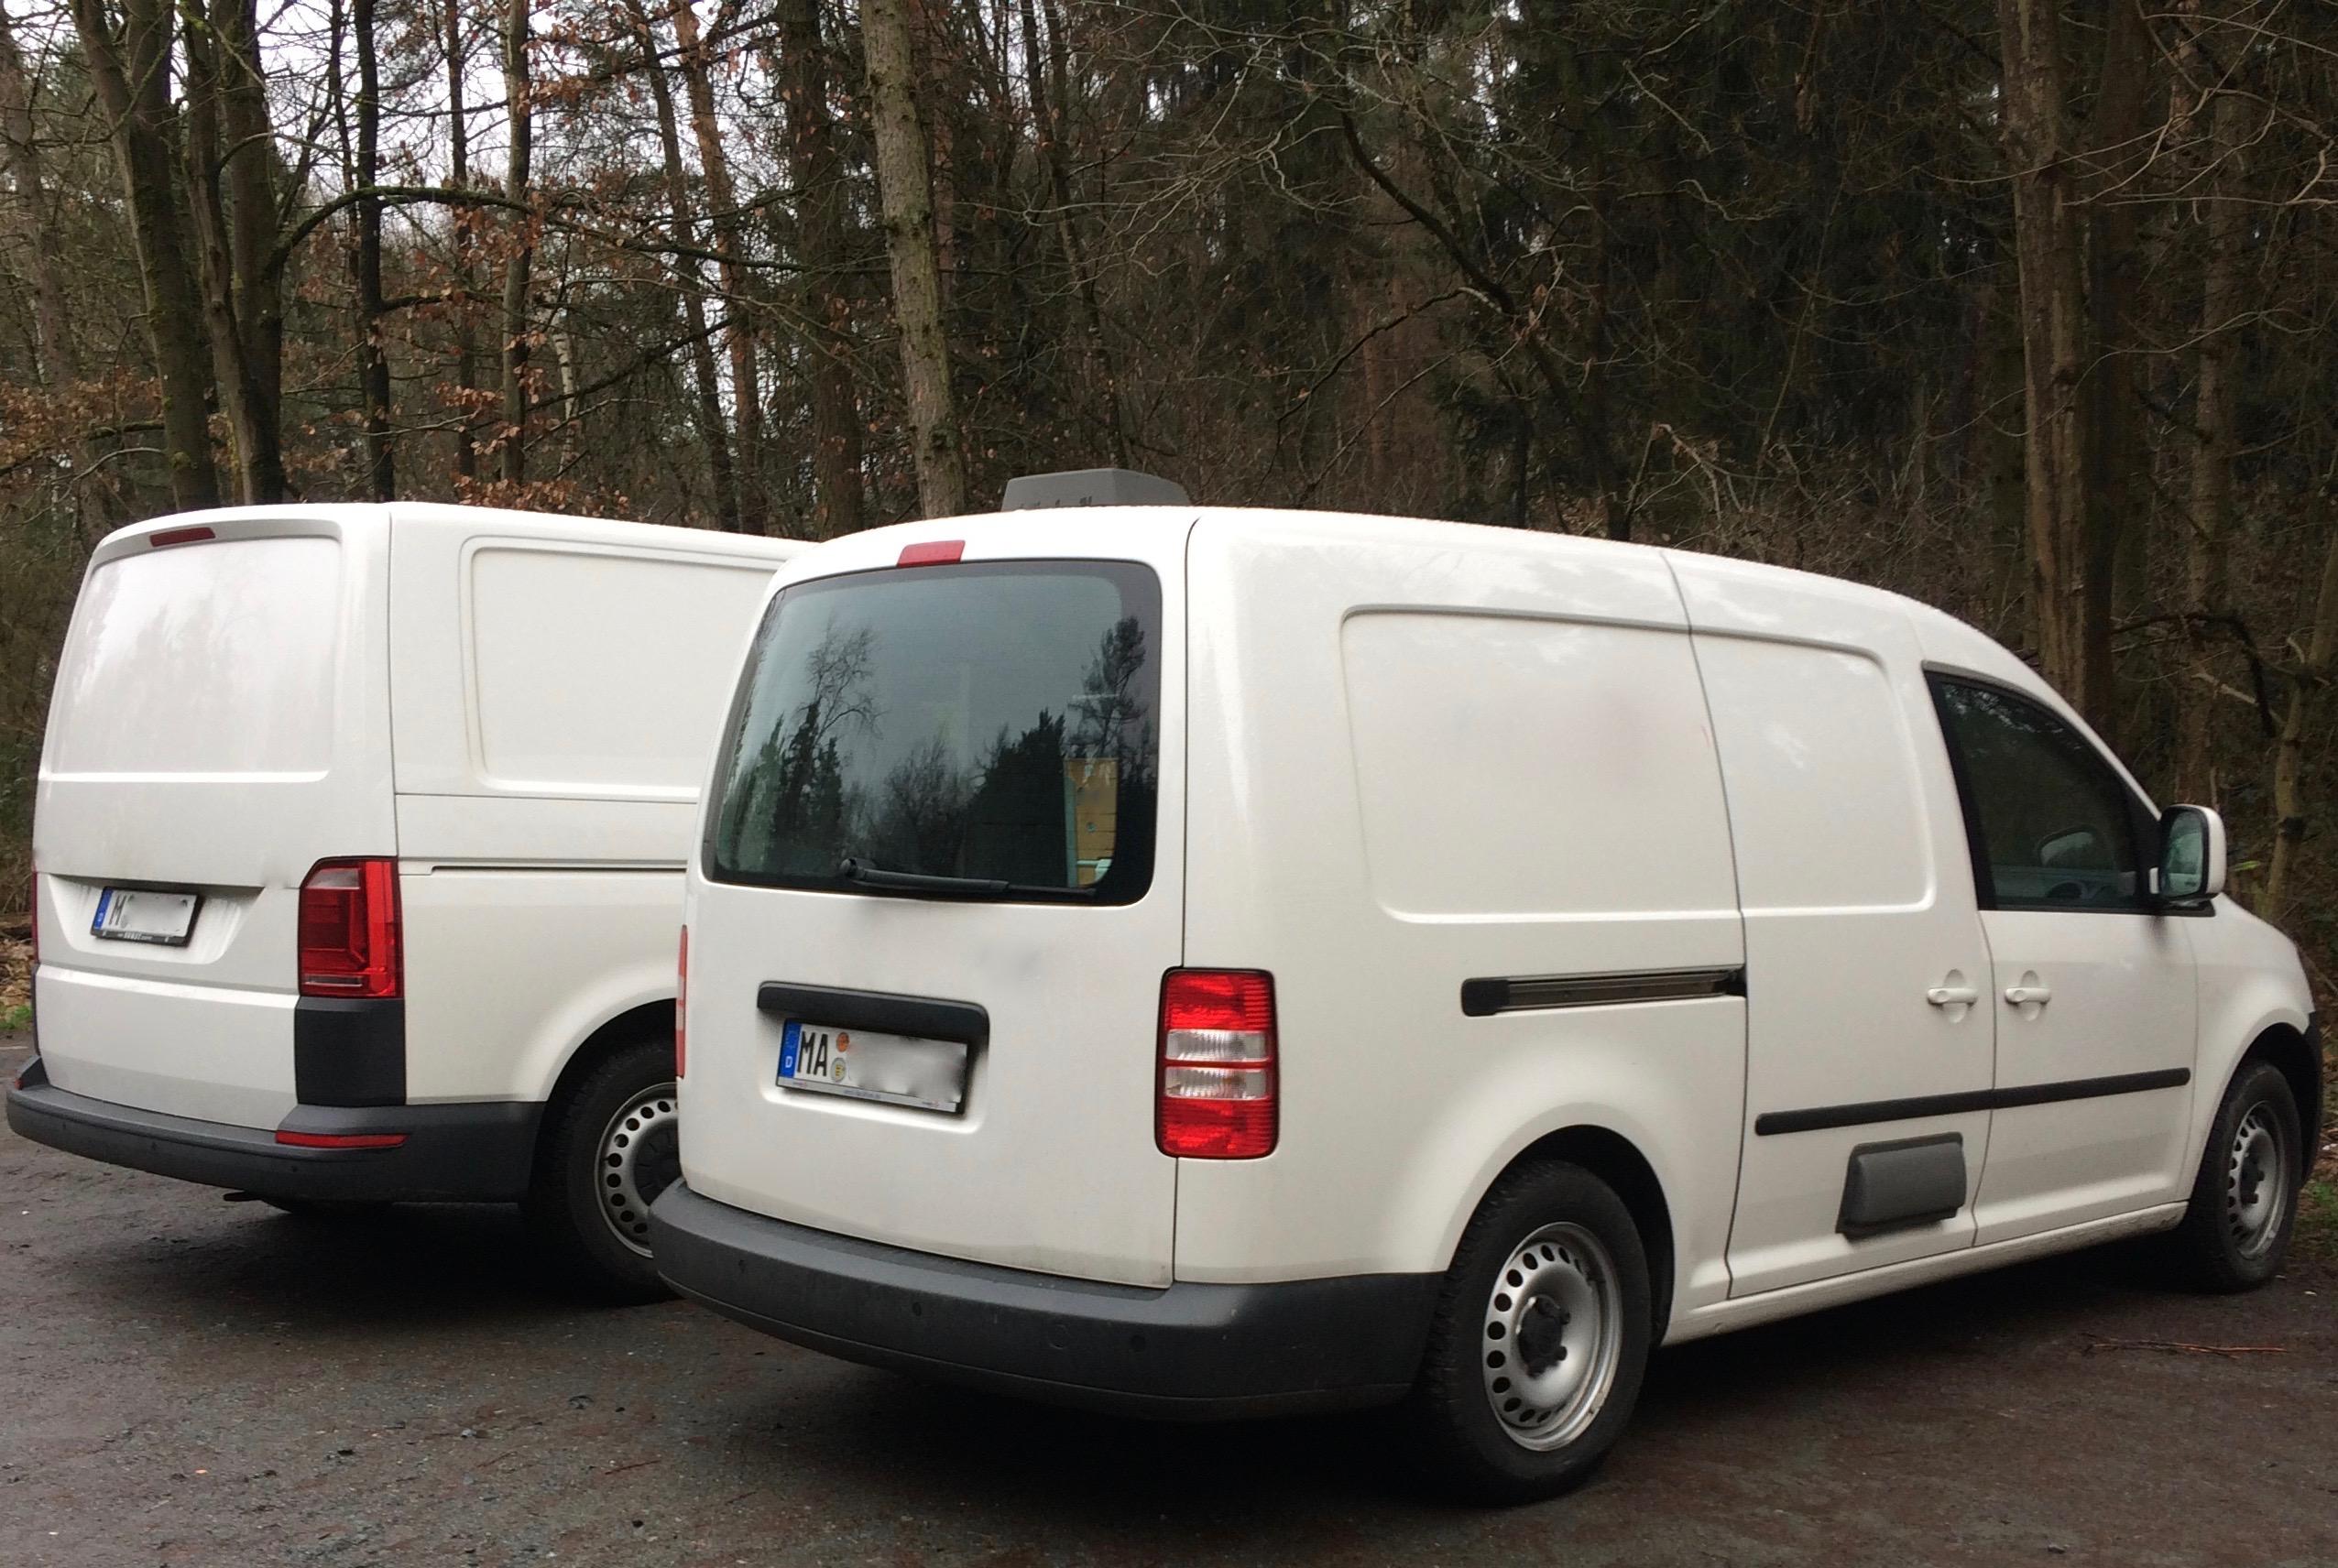 Überwachungskraftfahrzeuge der DSD Detektiv SYSTEM Detektei ® GmbH